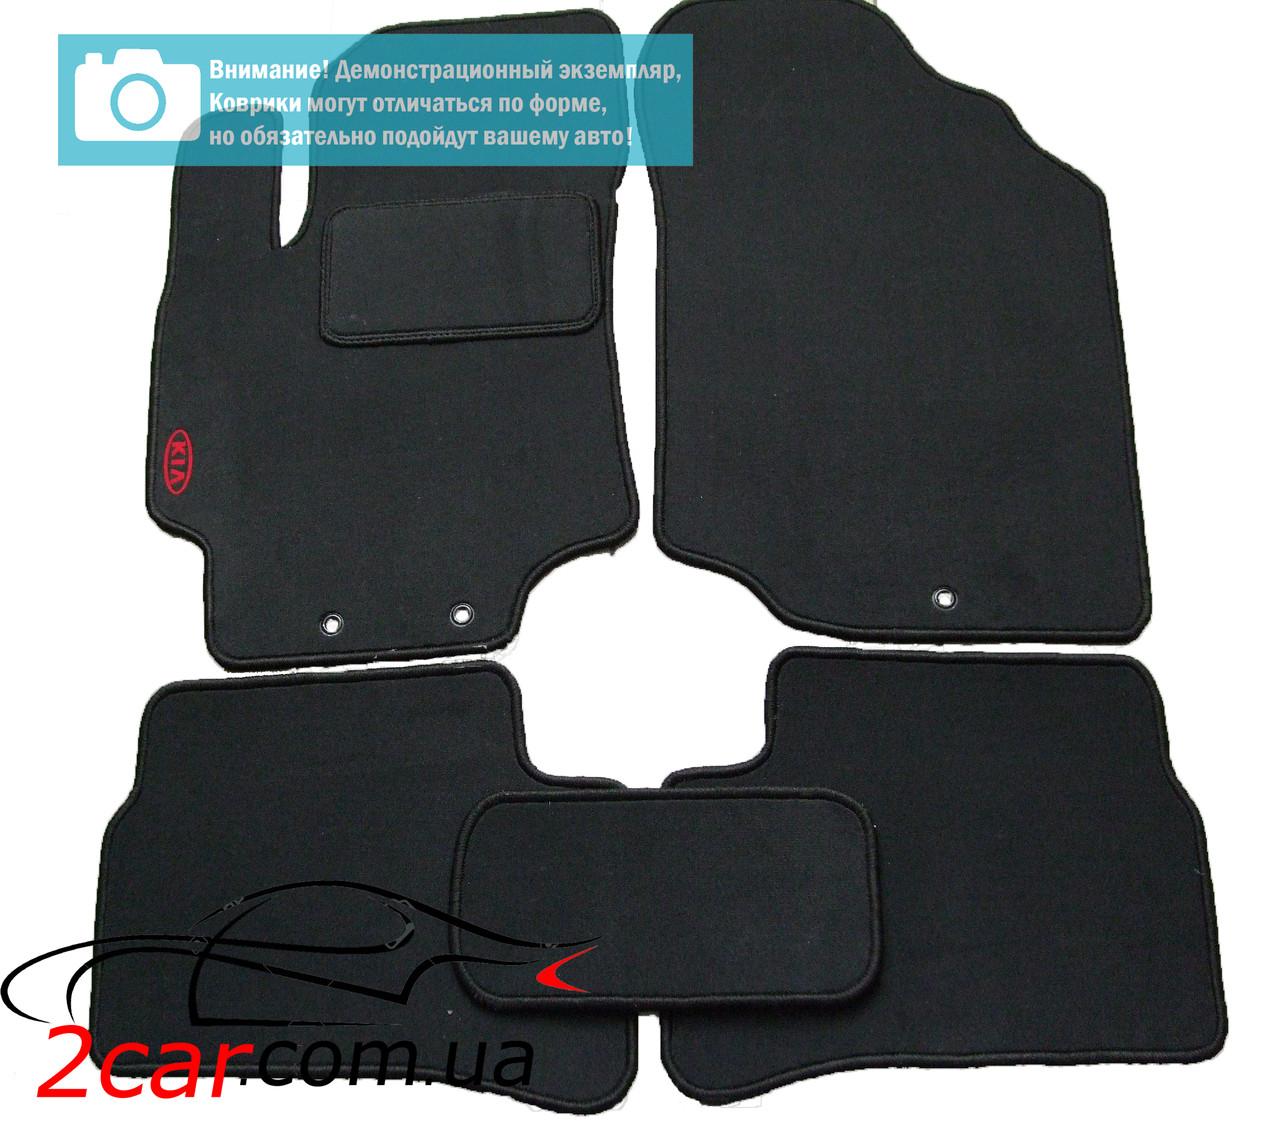 Текстильные коврики в салон для Volkswagen Golf III (1991-1997) (чёрный) (StingrayUA)